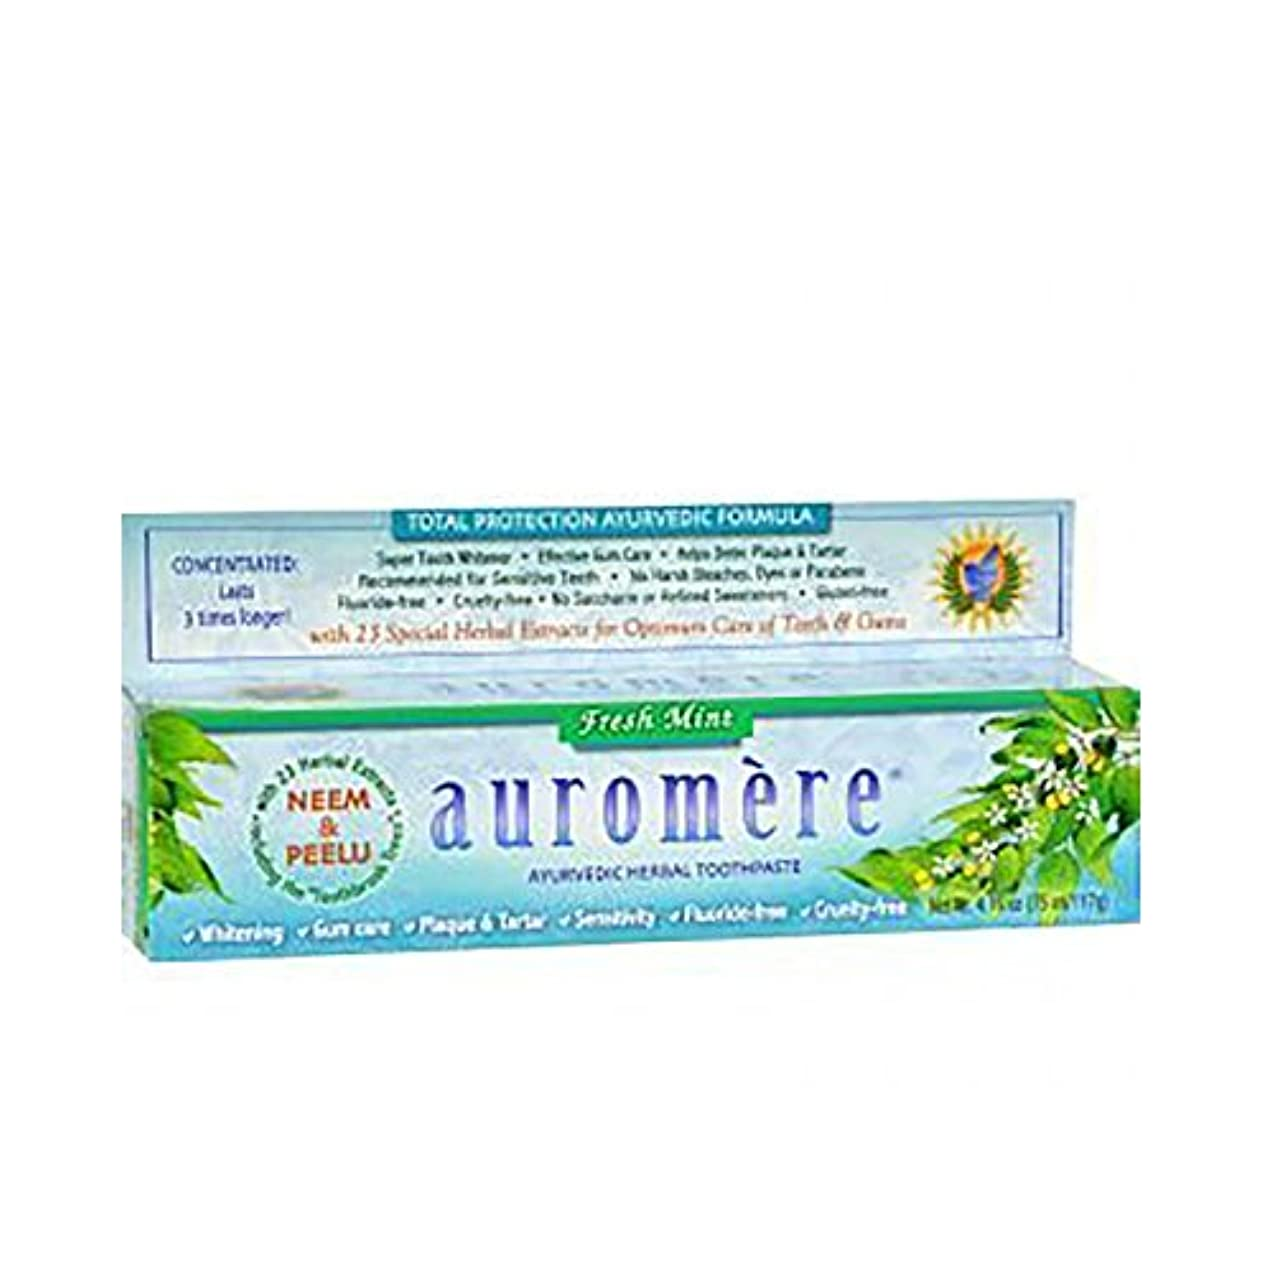 配列騒意味Auromere アーユルヴェーダのハーブの歯磨き粉フレッシュミントによって - 4.16オンス - ニームやビーガンと、ナチュラル、フッ化物無料